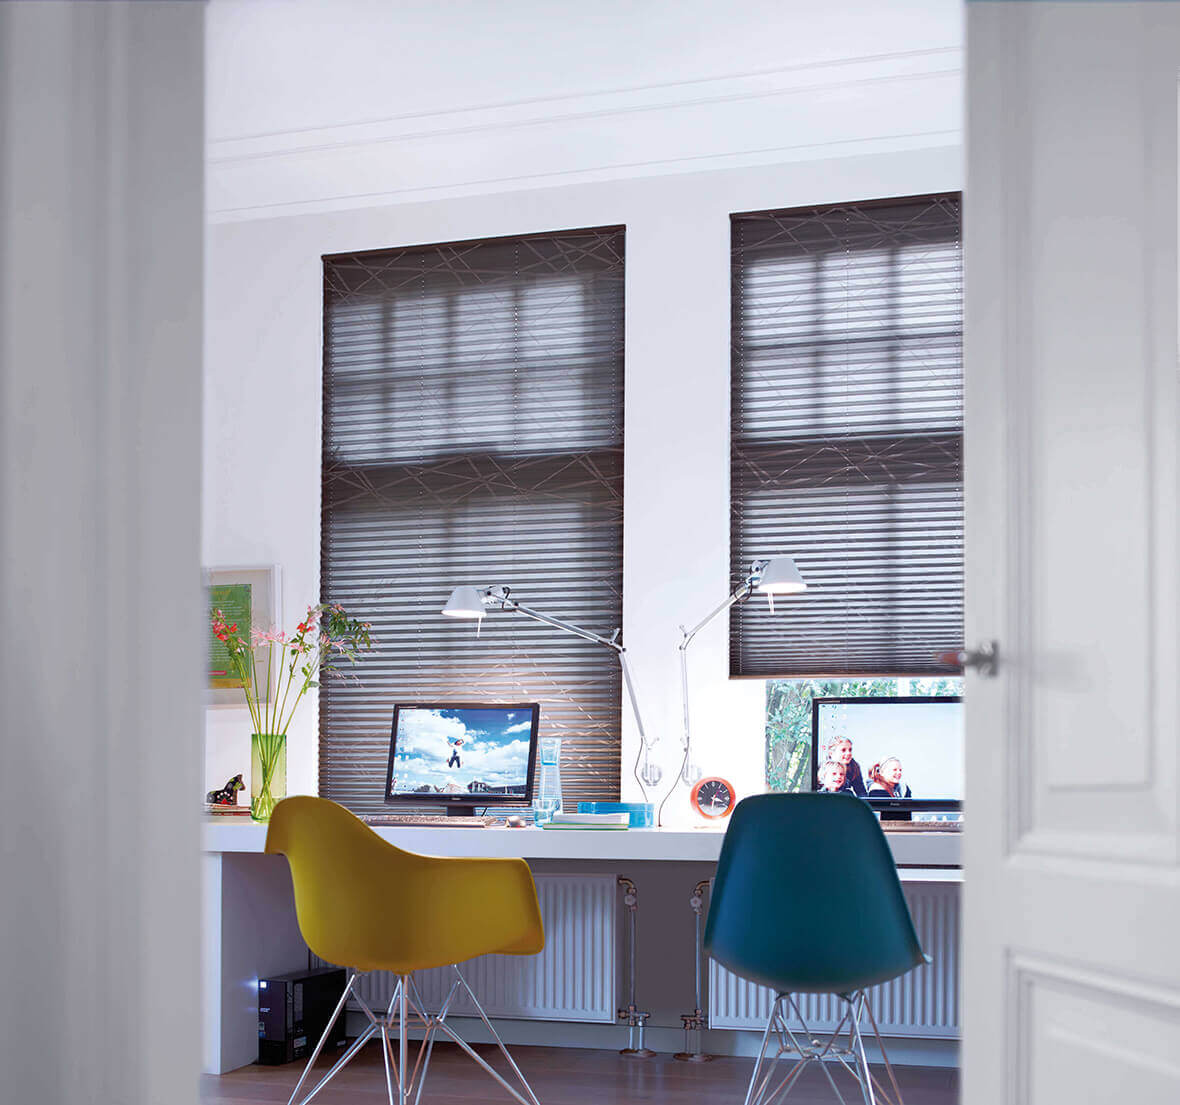 plissee hersteller vergleich awesome plissee farbverlauf liedeco lichtschutz ohne bohren. Black Bedroom Furniture Sets. Home Design Ideas